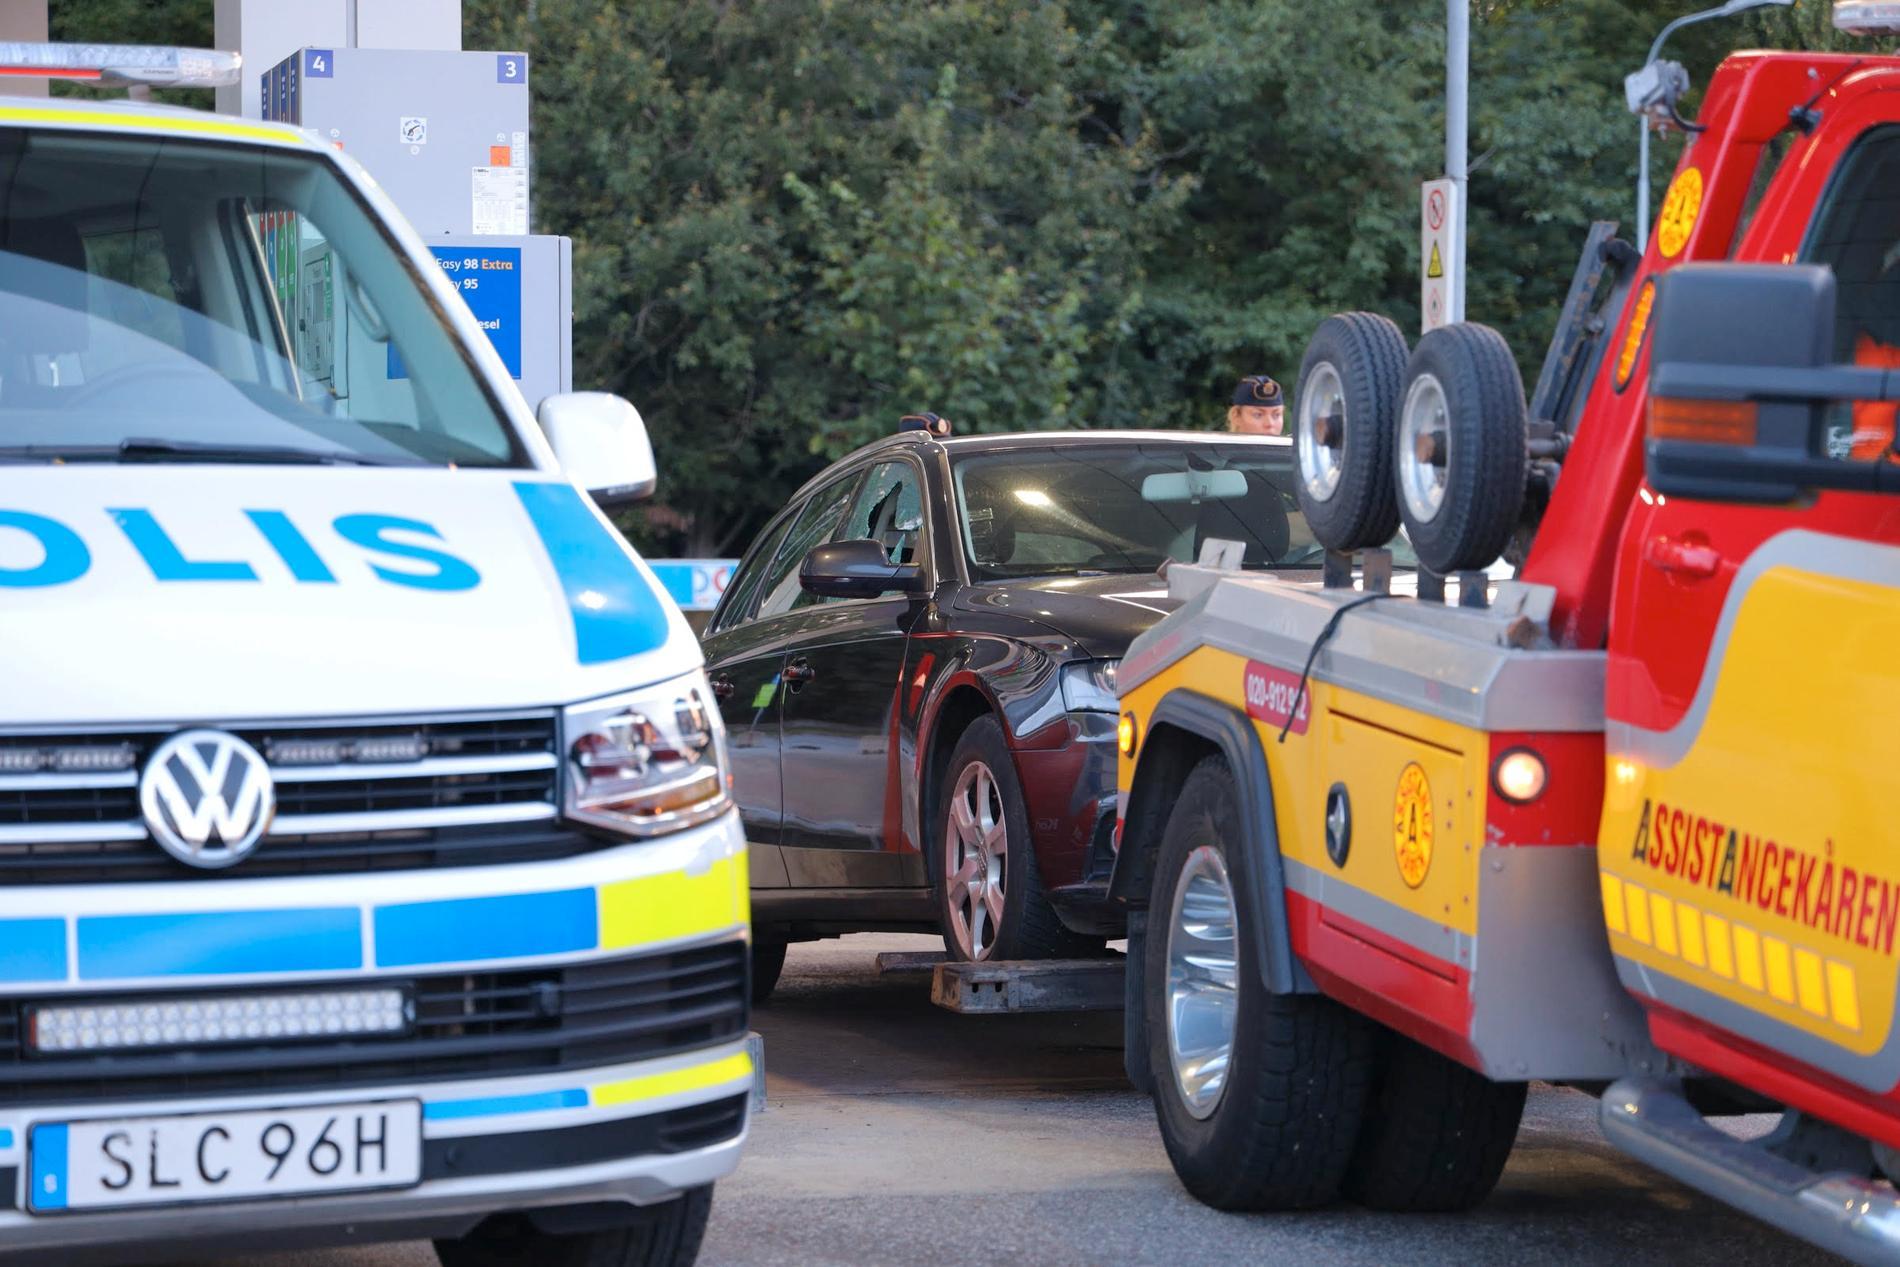 Polisen beslagtog den beskjutna Audin för att genomföra en teknisk undersökning.